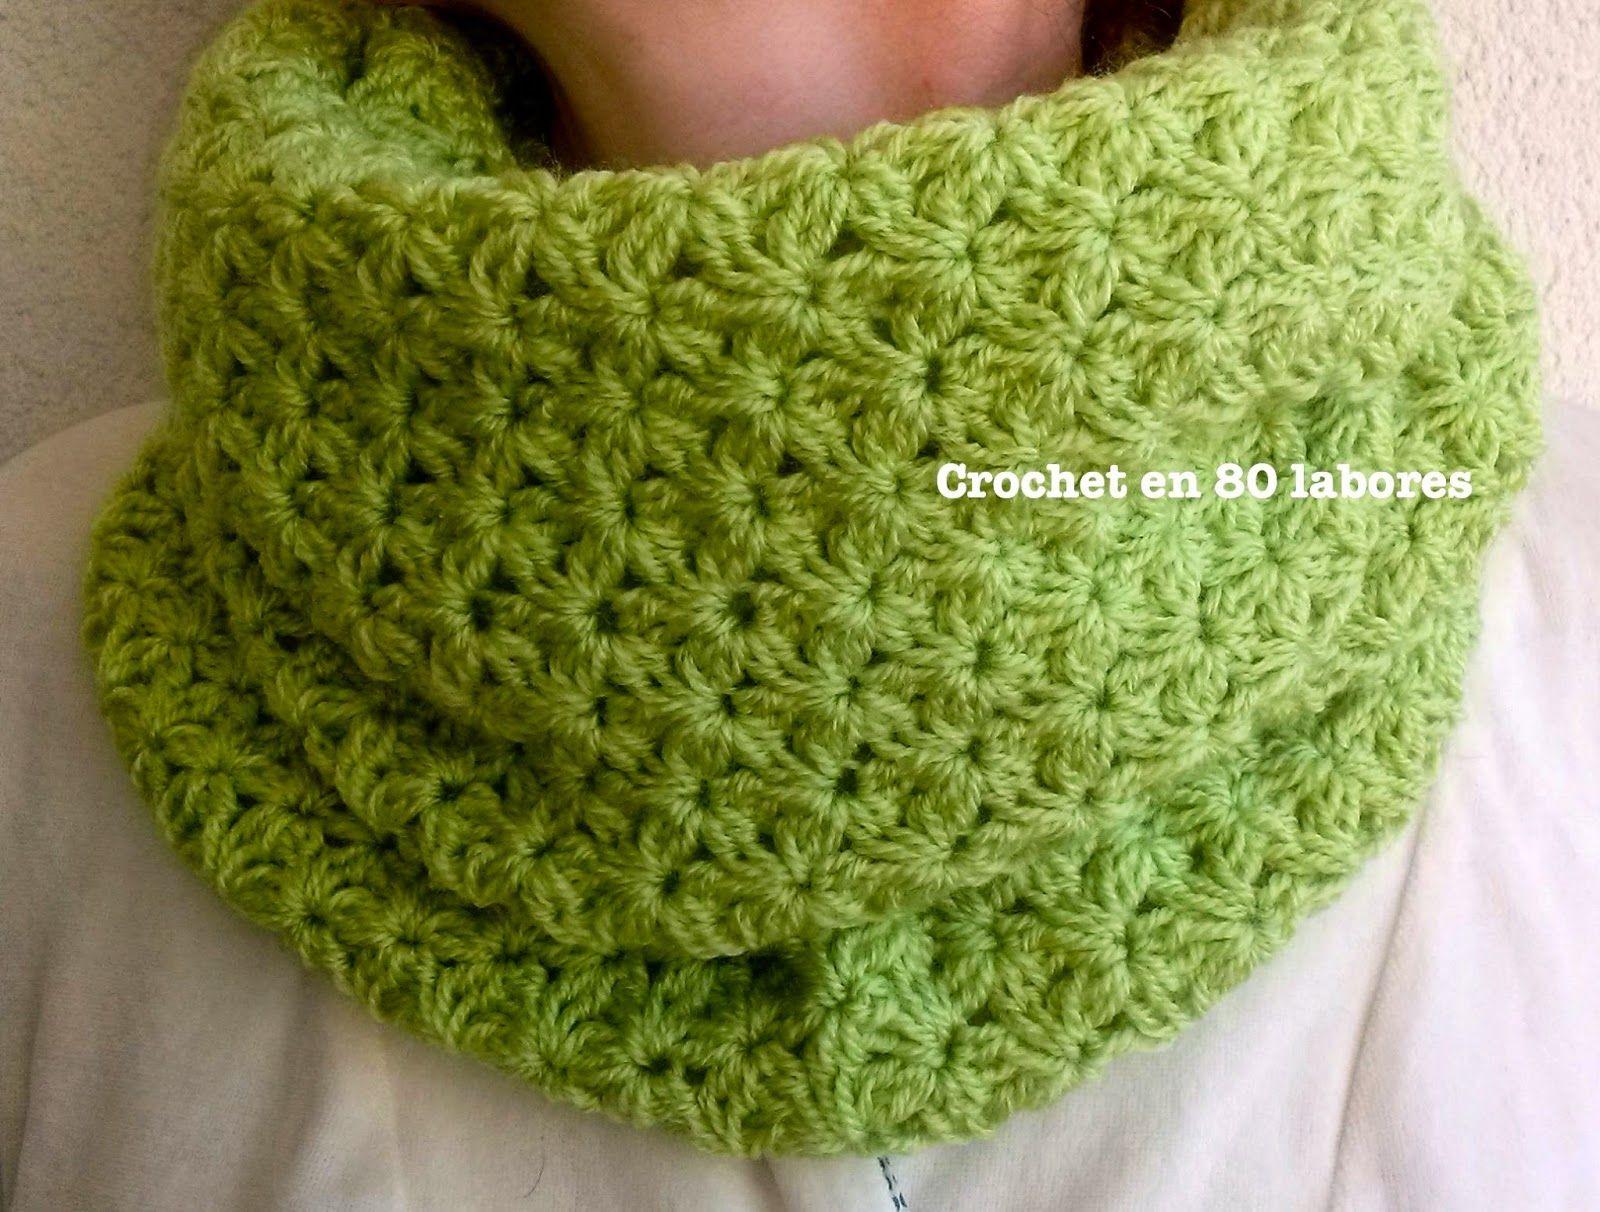 Crochet en 80 labores: Una bufanda sin fin en punto jazmín | Ideas ...